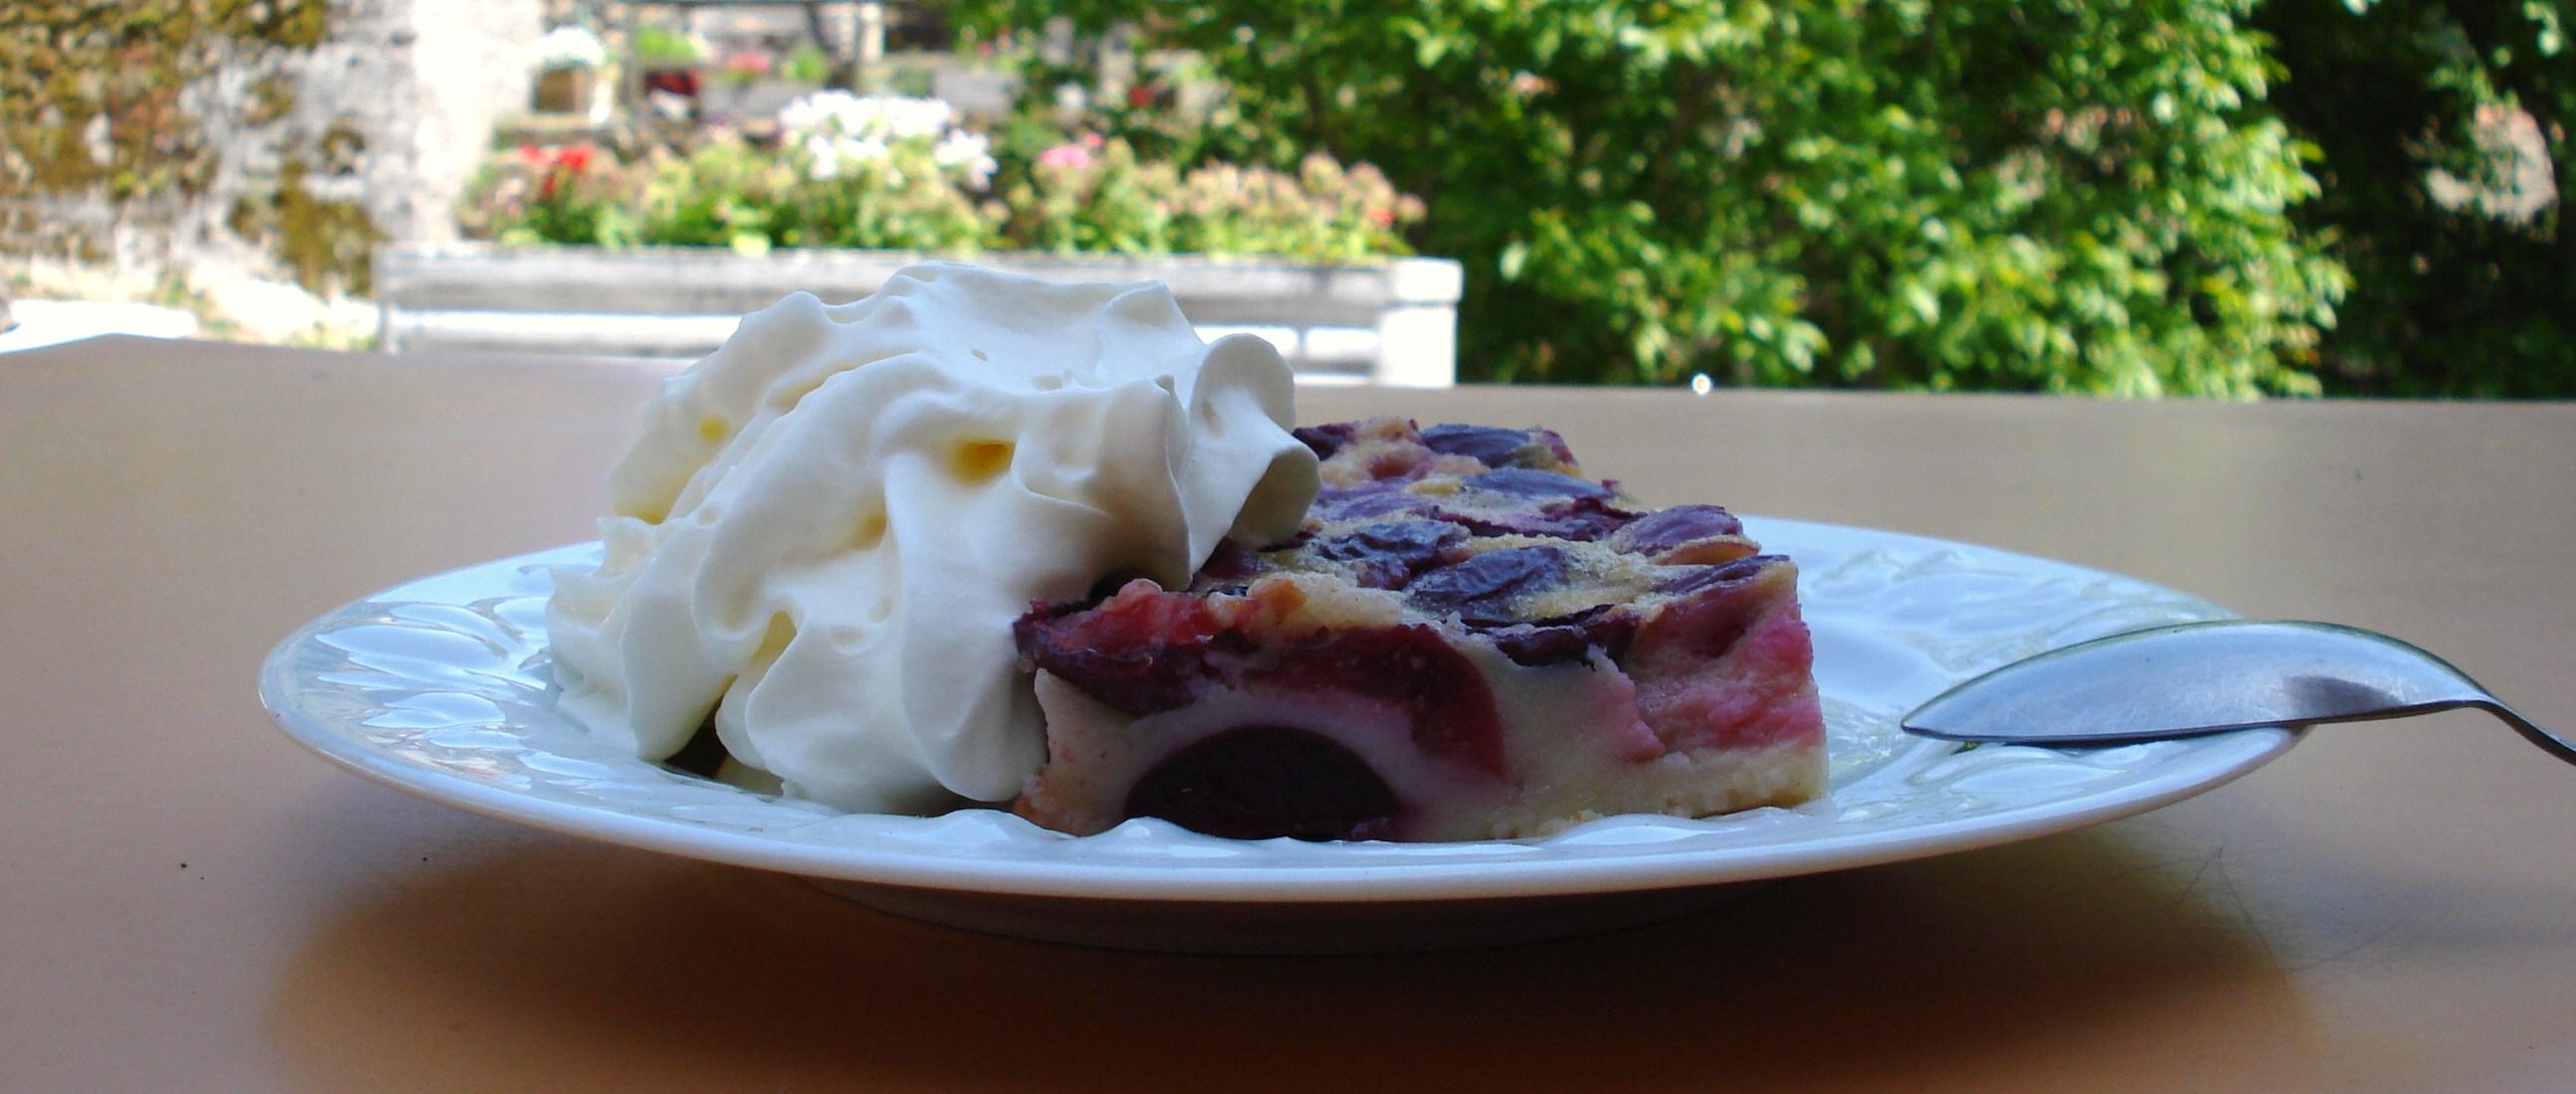 Une délicieuse part de clafoutis avec de la crème fouettée.